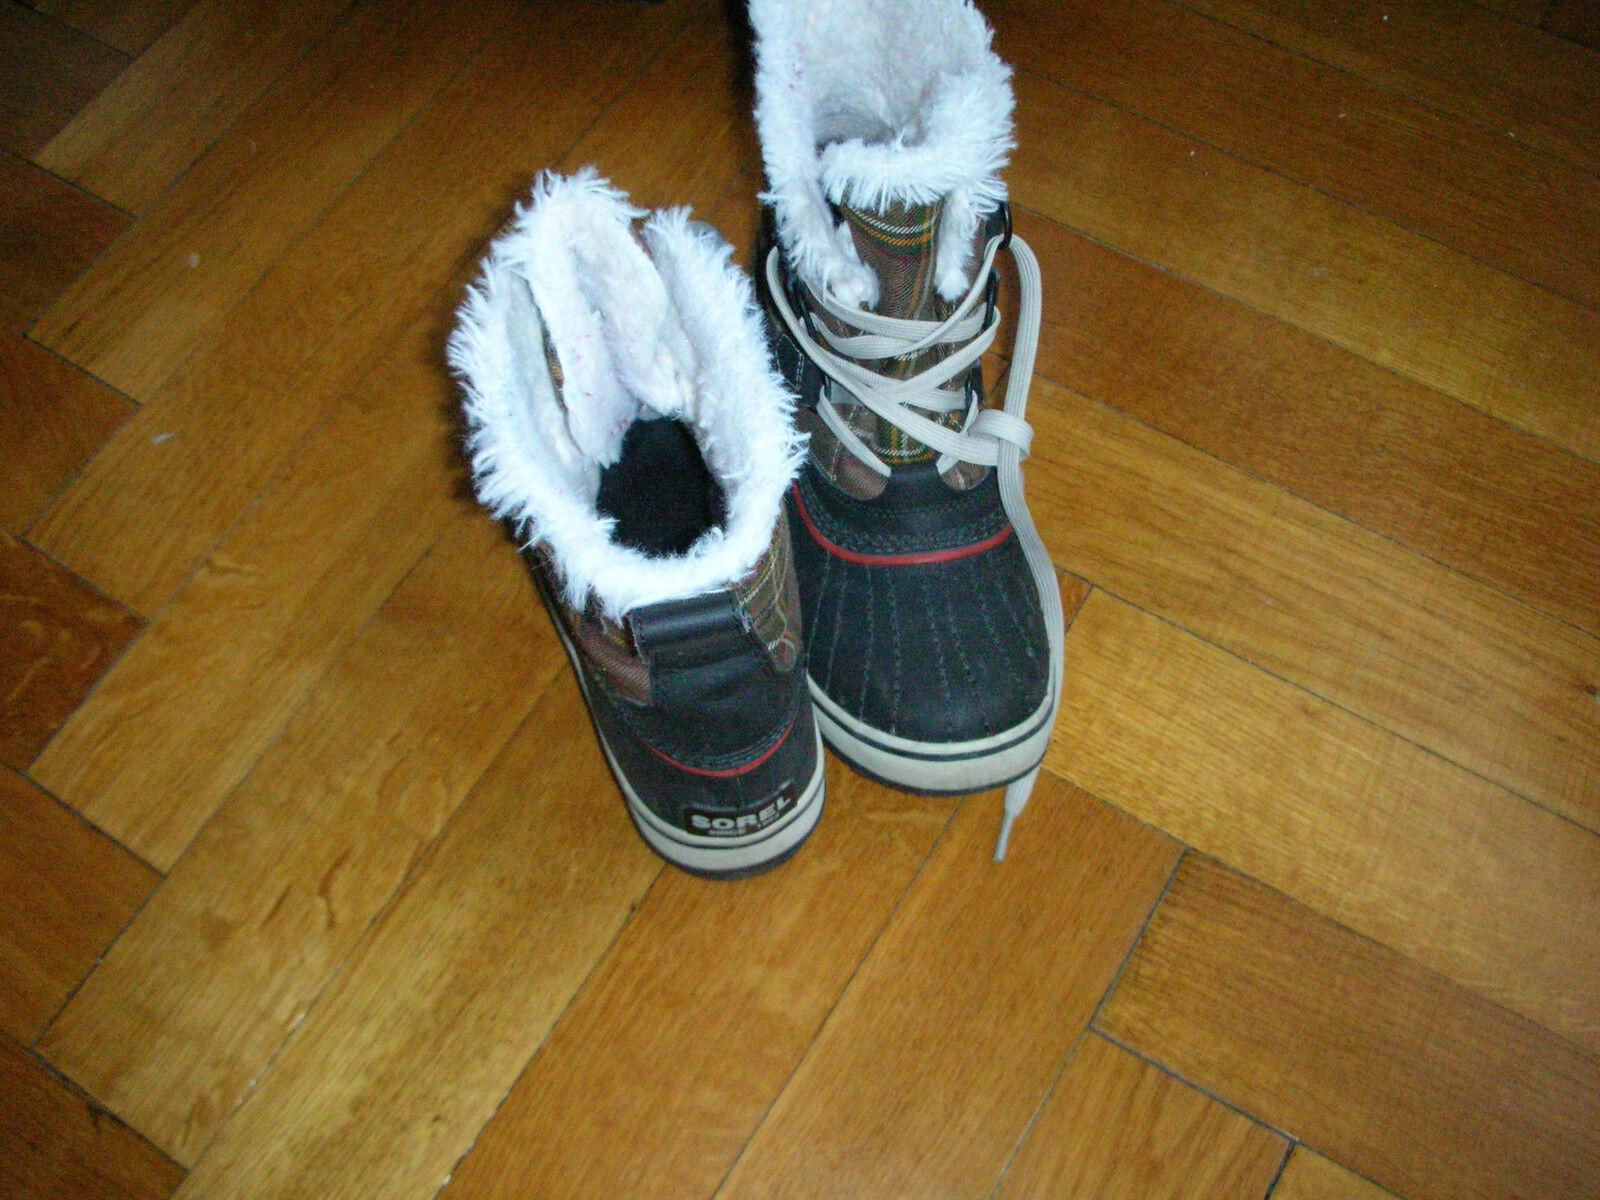 Damen Winterstiefel Gr. 38 Günstige und gute Schuhe